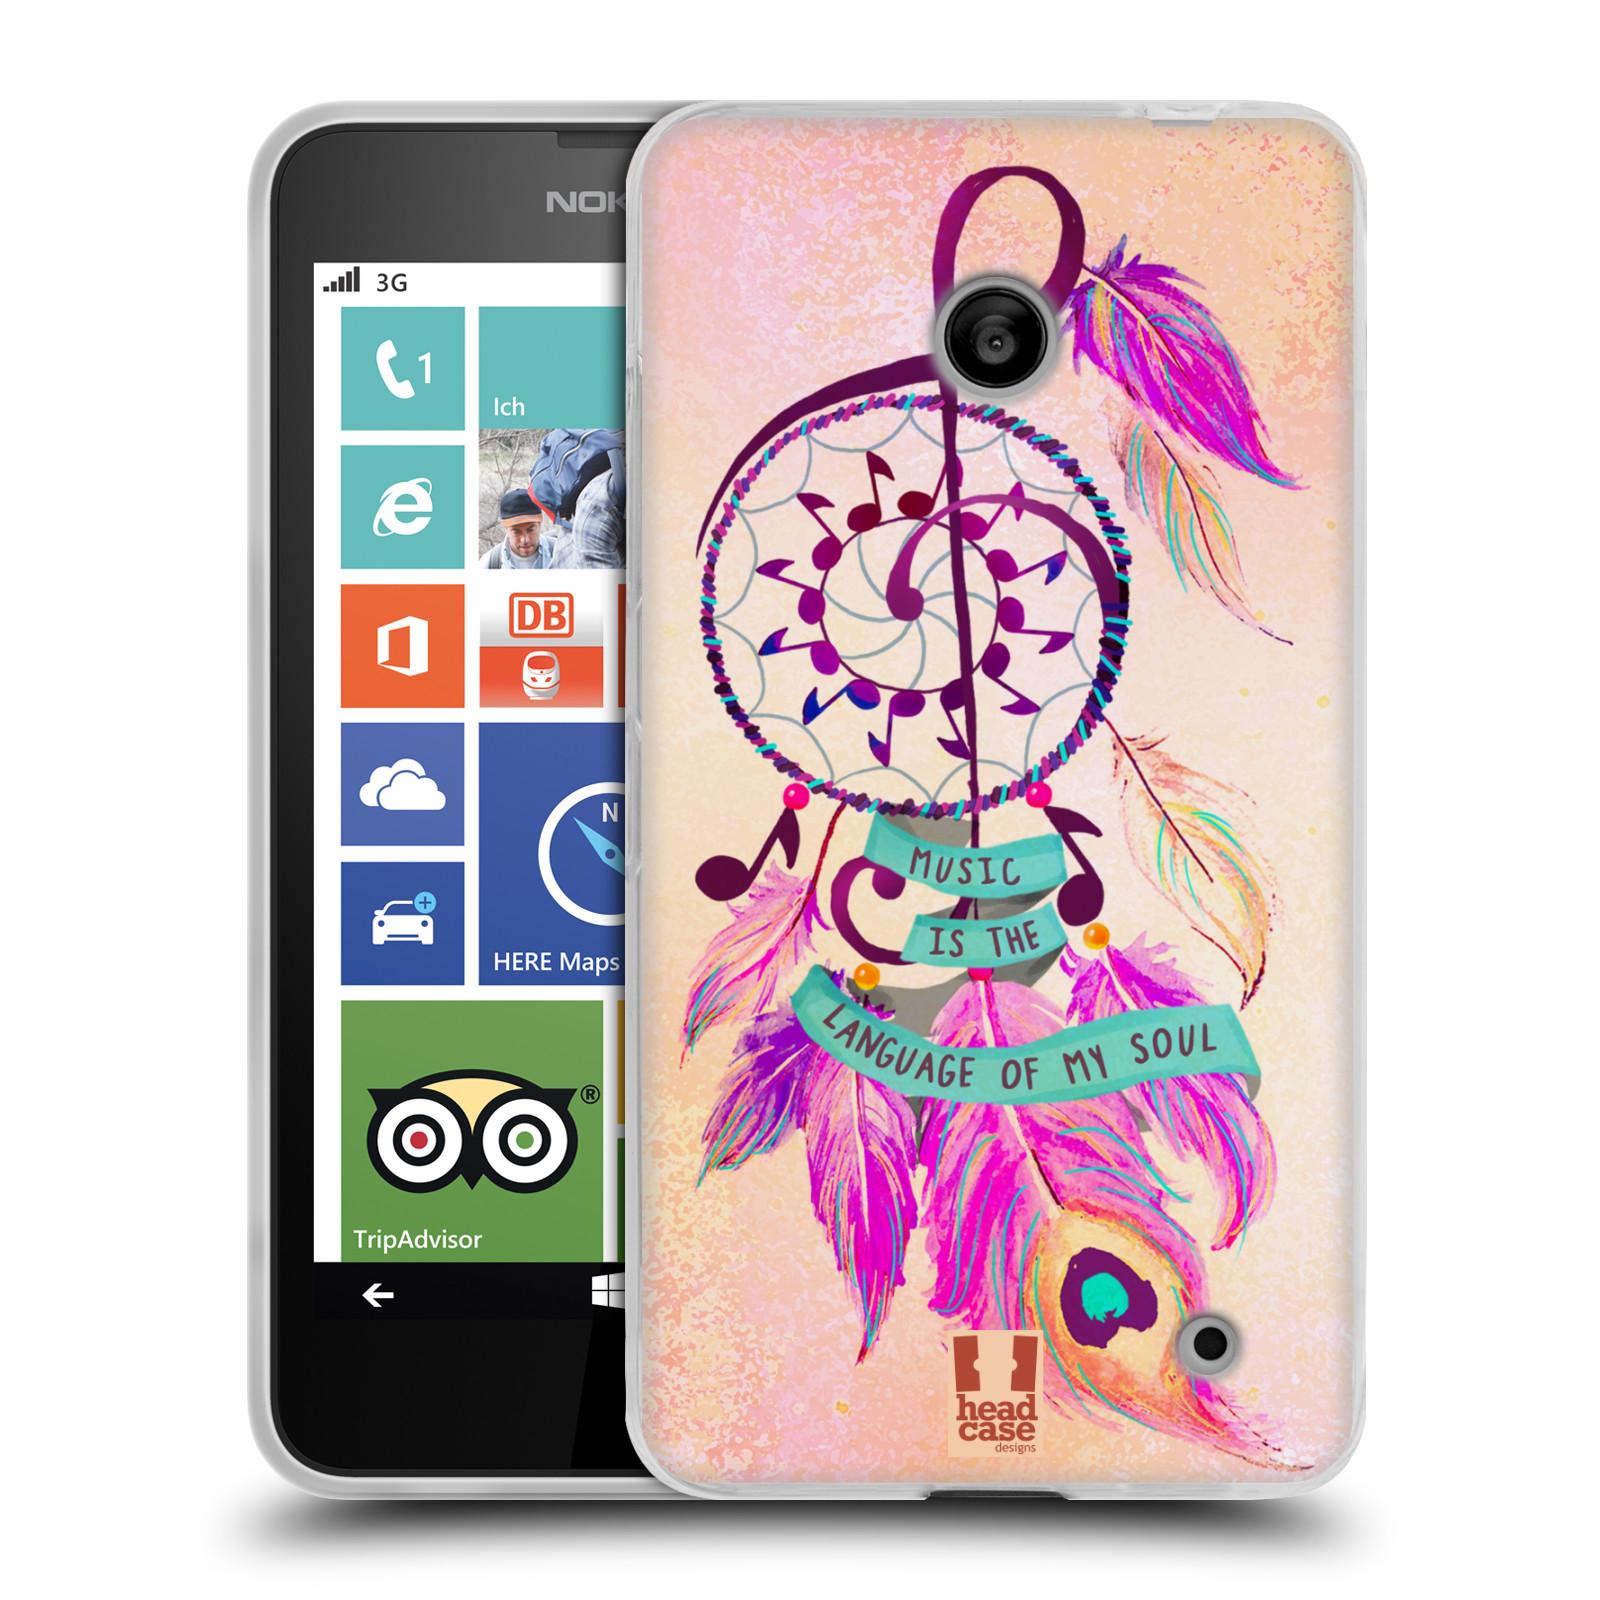 Silikonové pouzdro na mobil Nokia Lumia 630 HEAD CASE Lapač Assorted Music (Silikonový kryt či obal na mobilní telefon Nokia Lumia 630 a Nokia Lumia 630 Dual SIM)